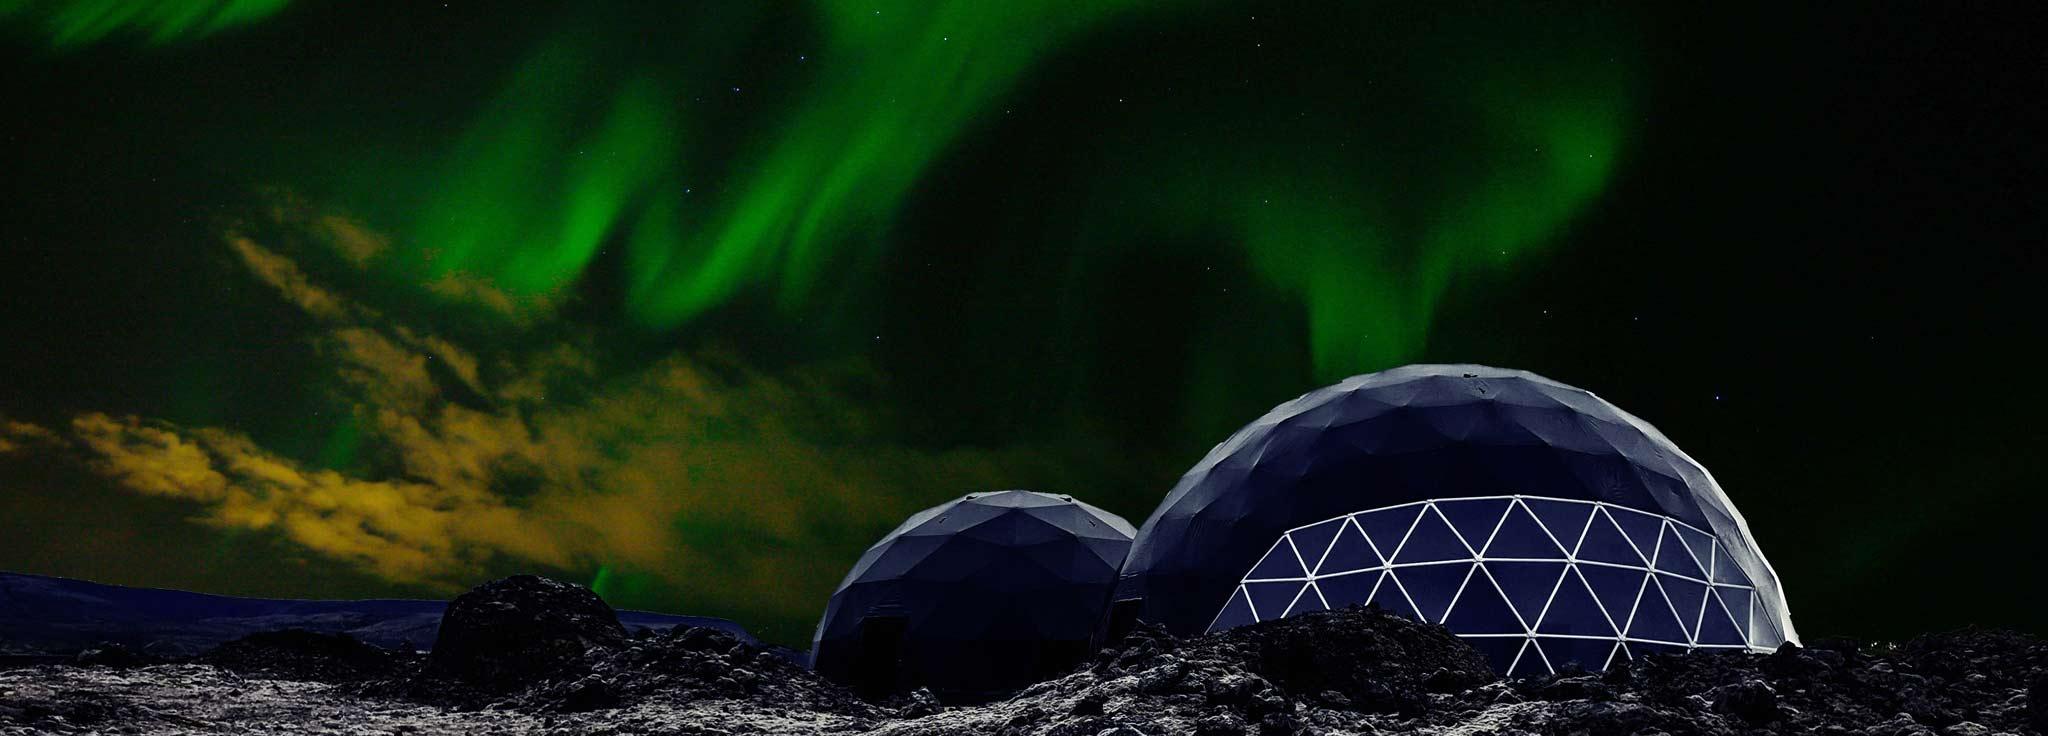 Aurora Basecamp Northern Lights Observatory Tour